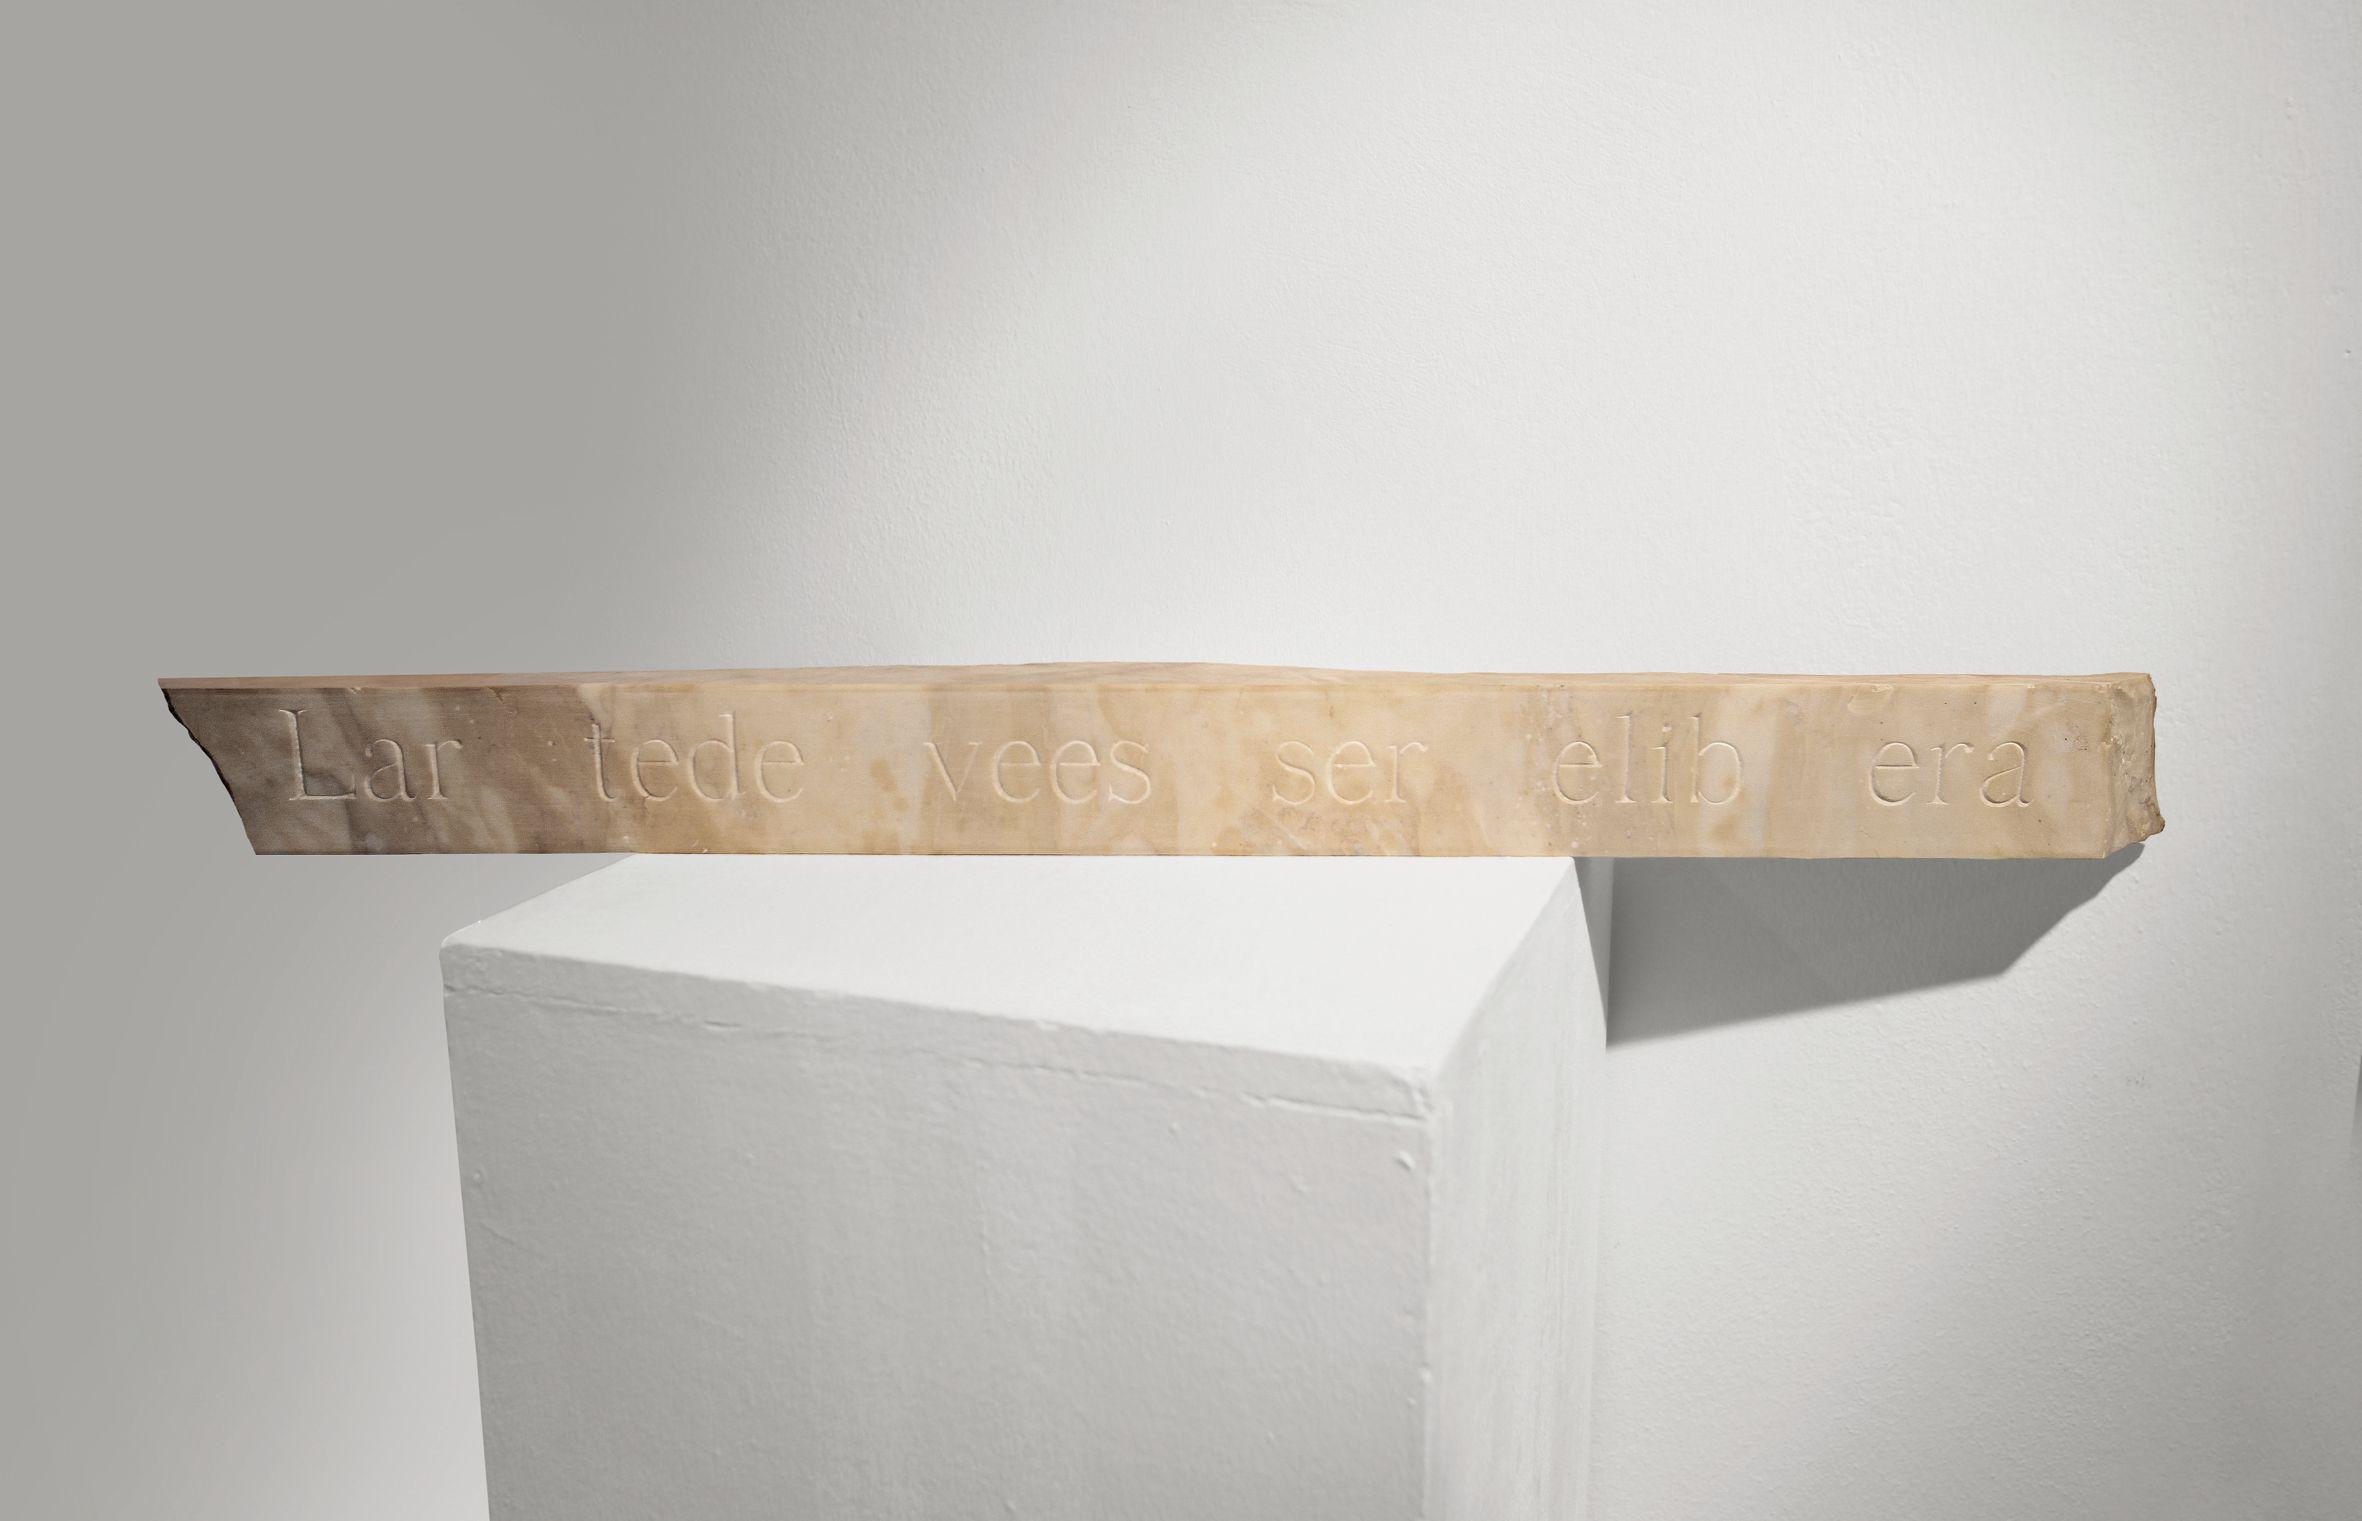 Alfredo Rapetti Mogol, L'arte dev'essere libera, 2015, incisione su marmo, cm 8x95x7